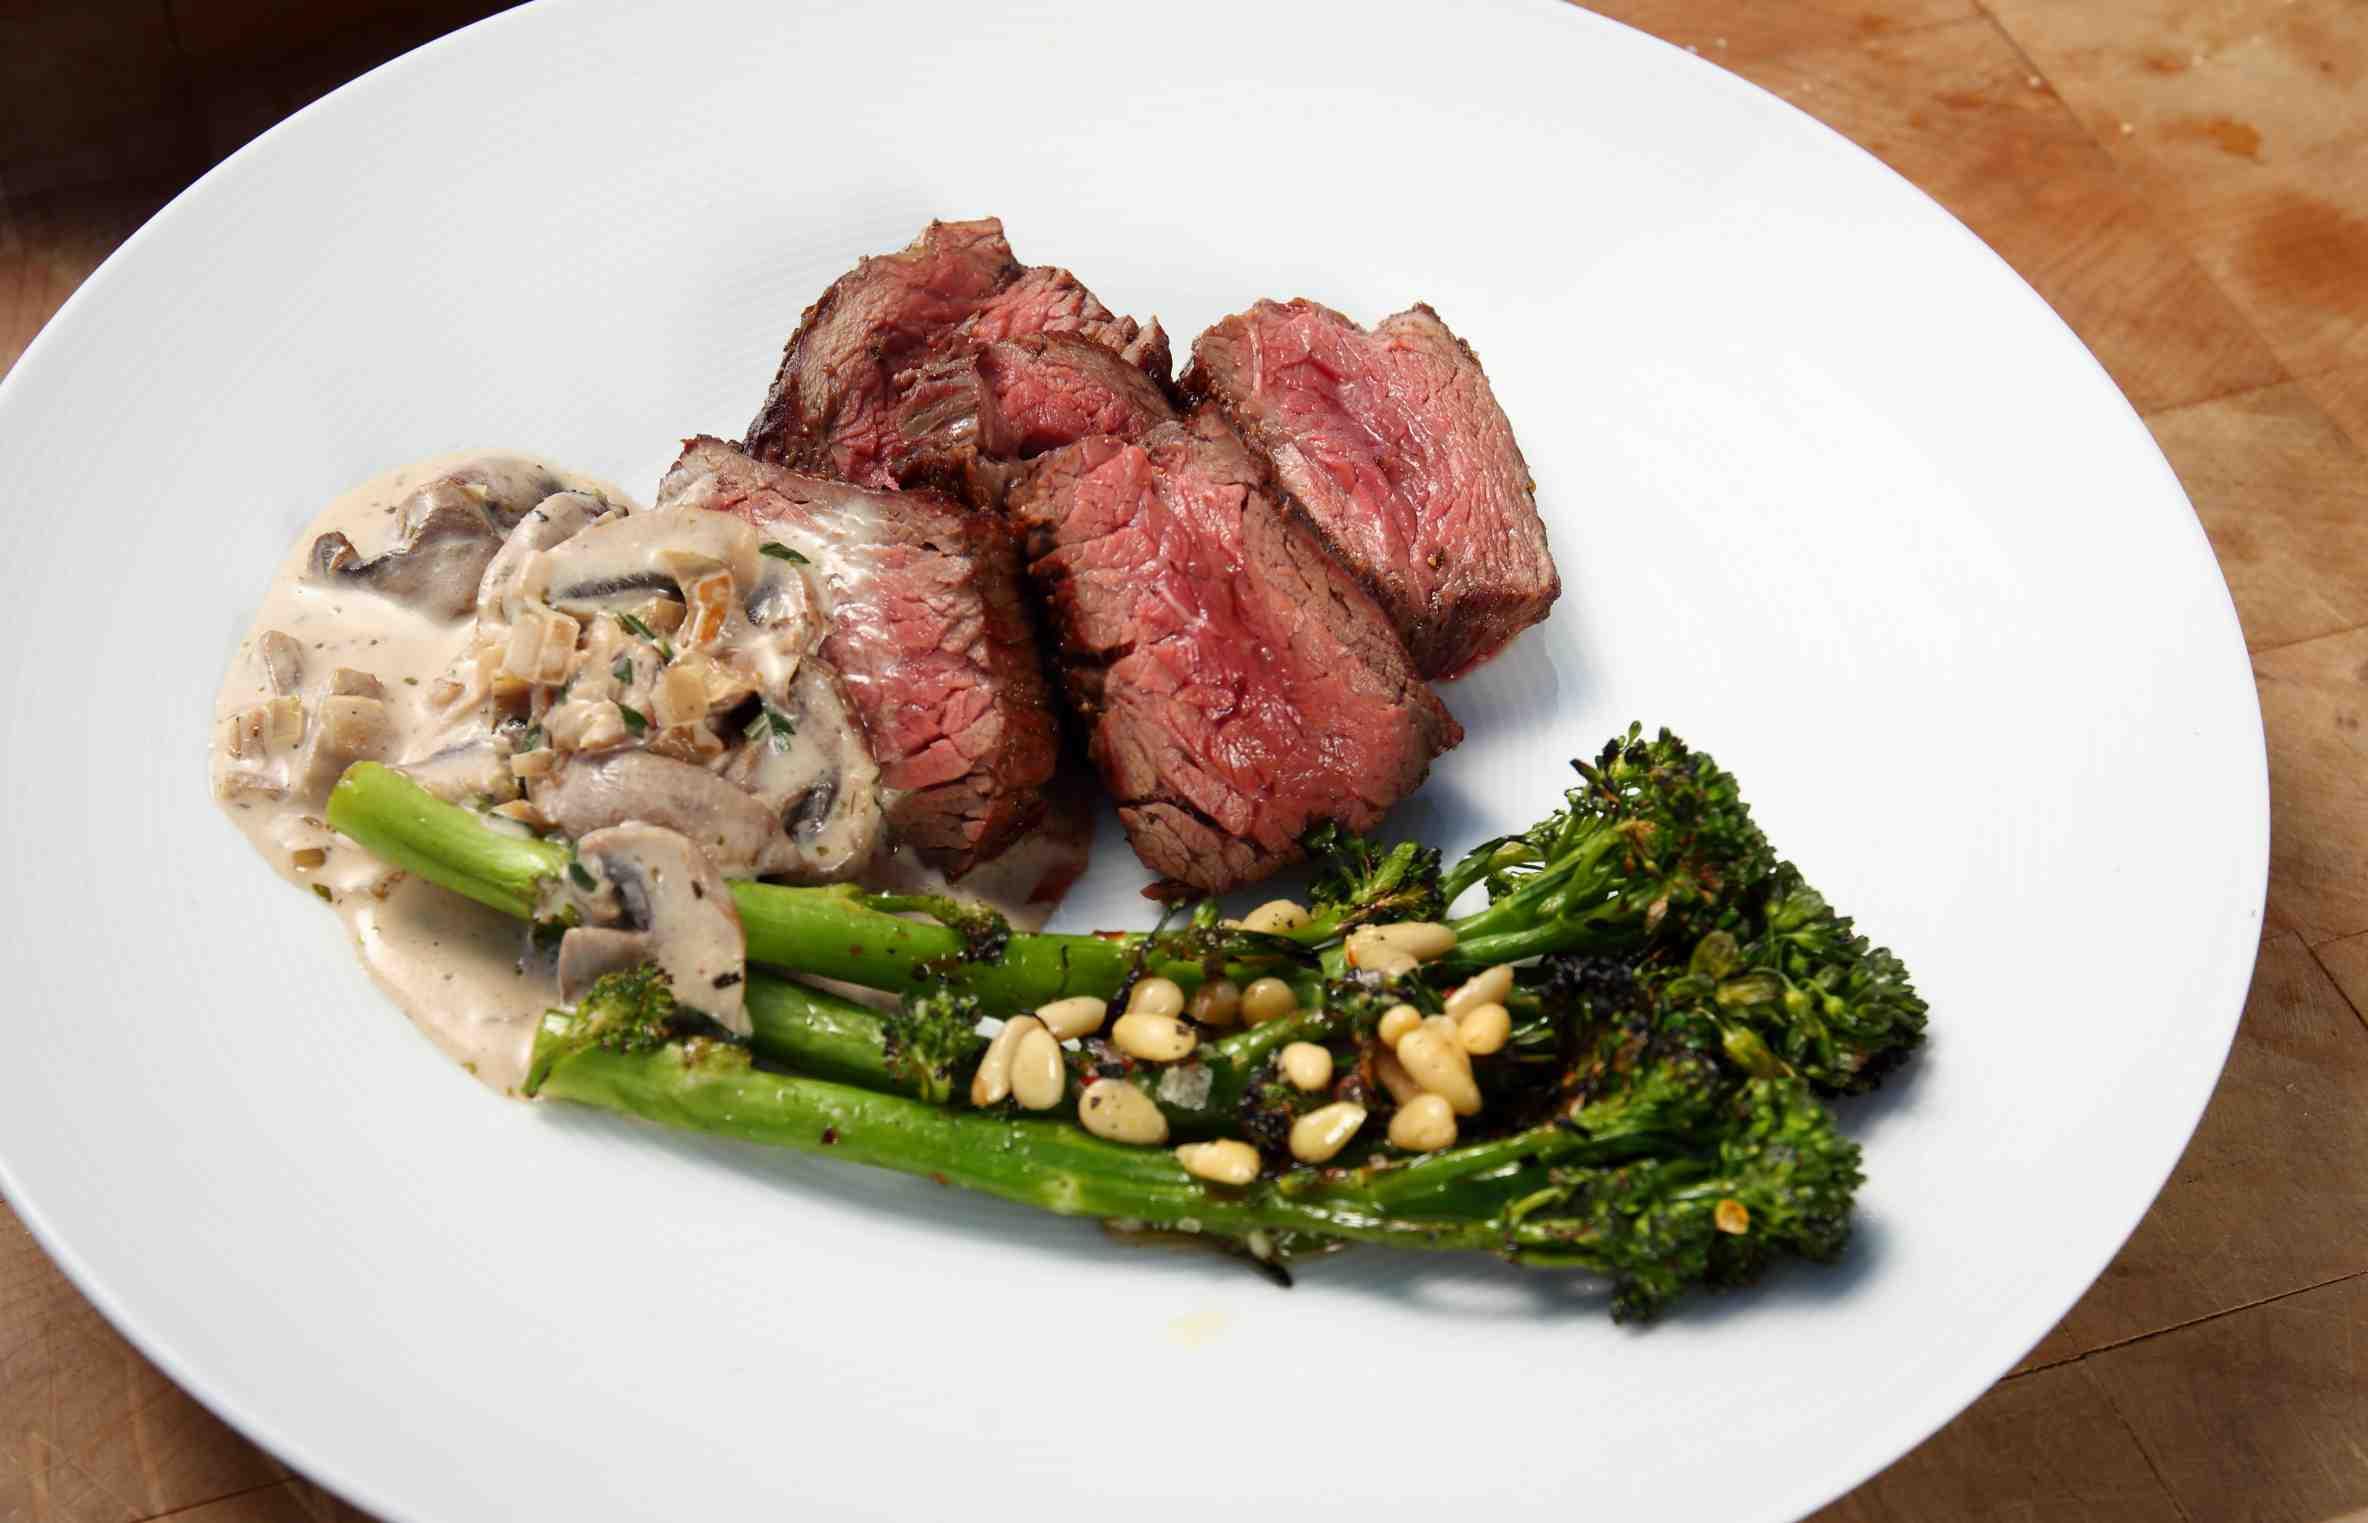 Hanger steak s brokolicí a houbovou omáčkou podle Šéfa